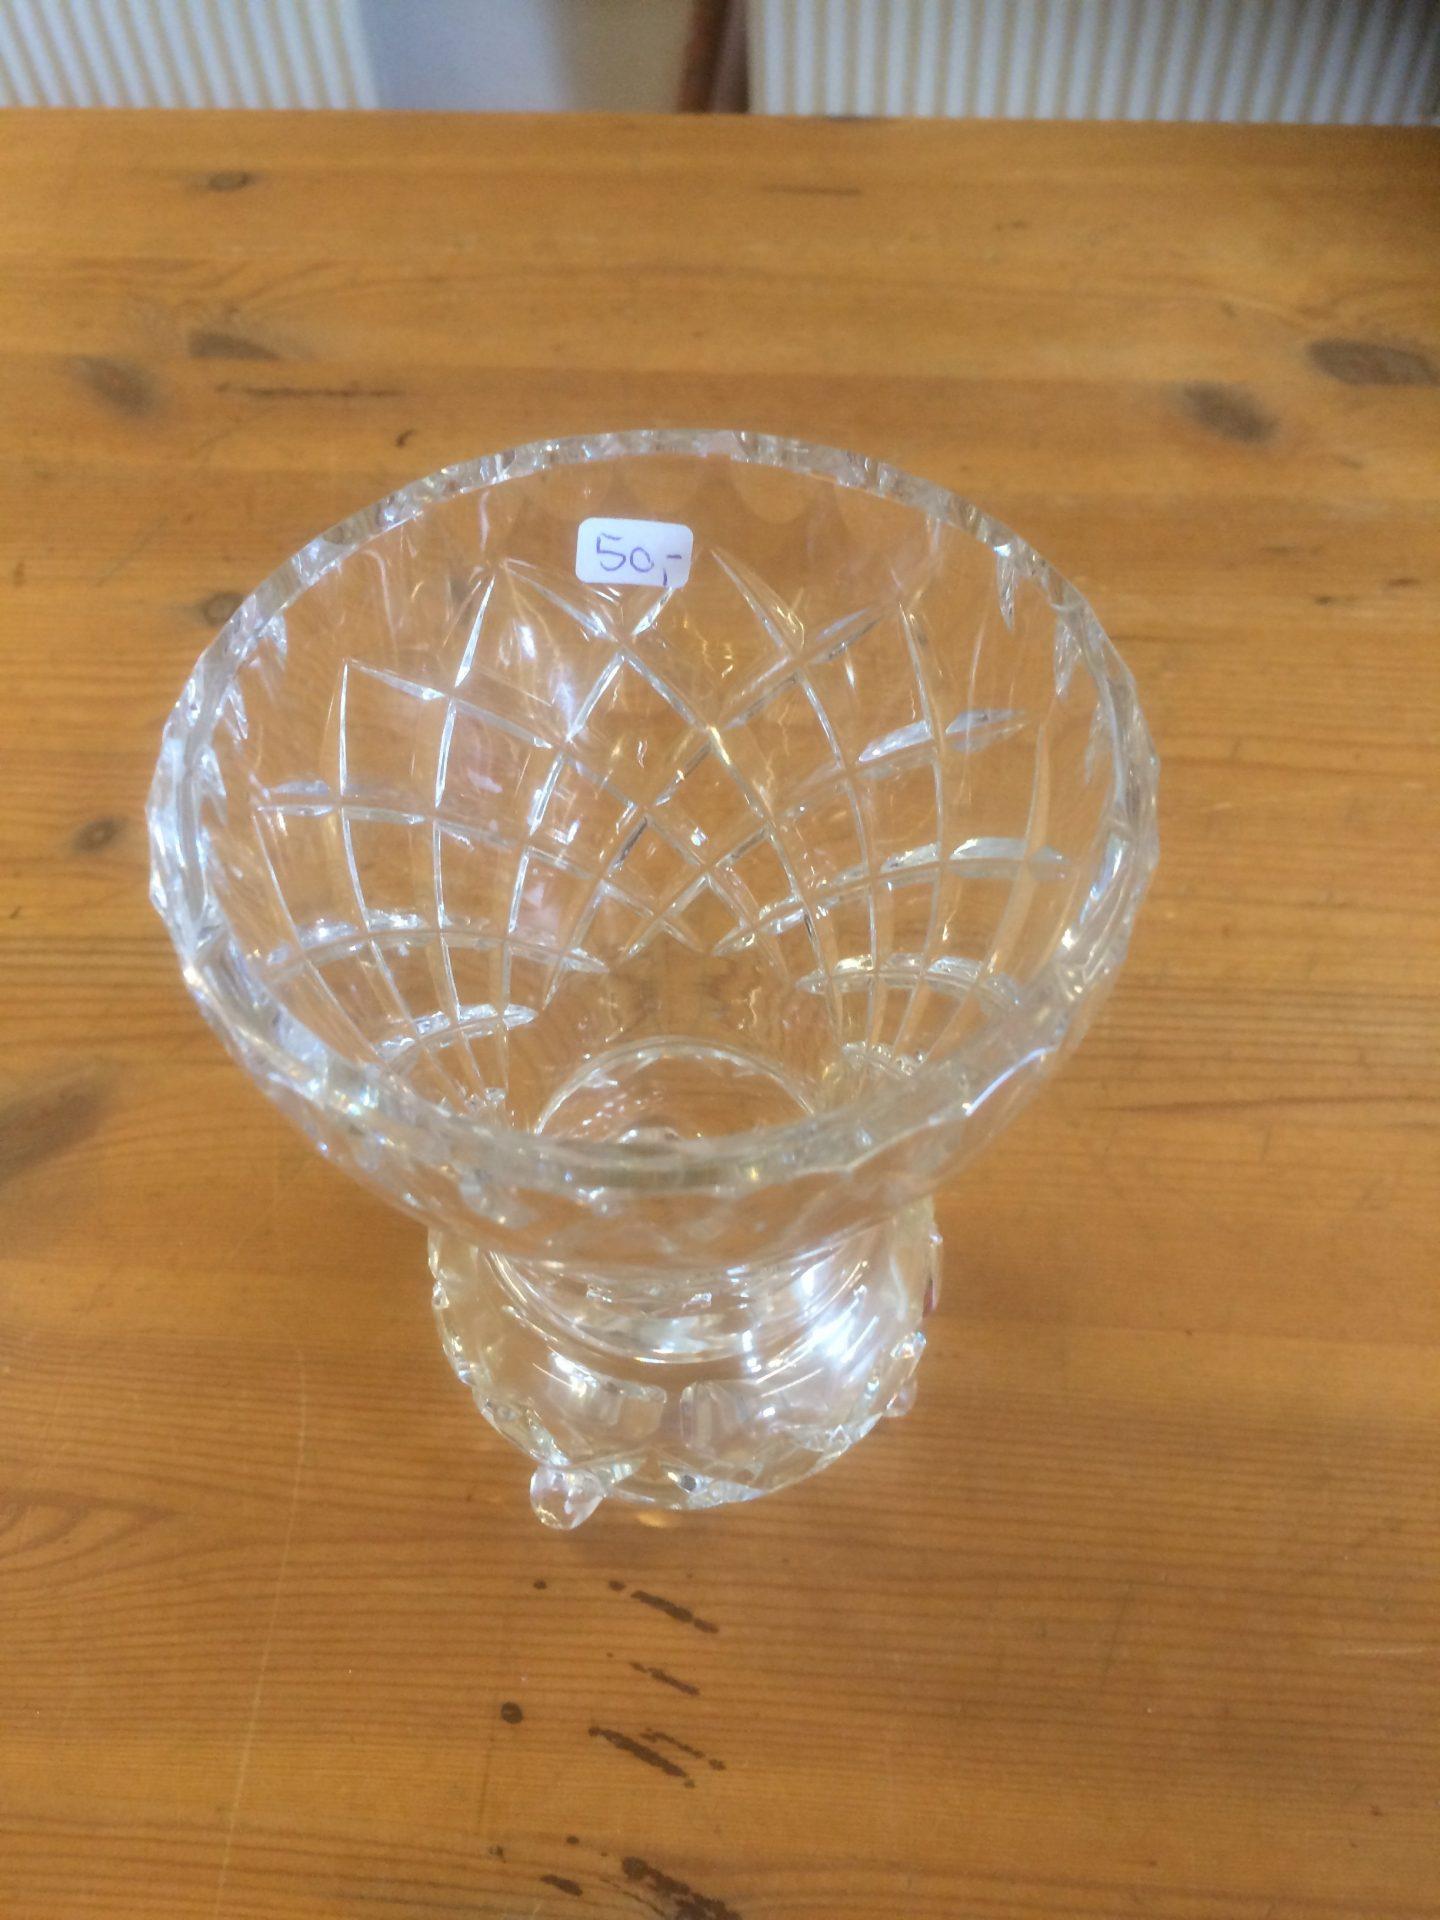 21/30 Krystal vase størrelse 100-150mm pris 50kr